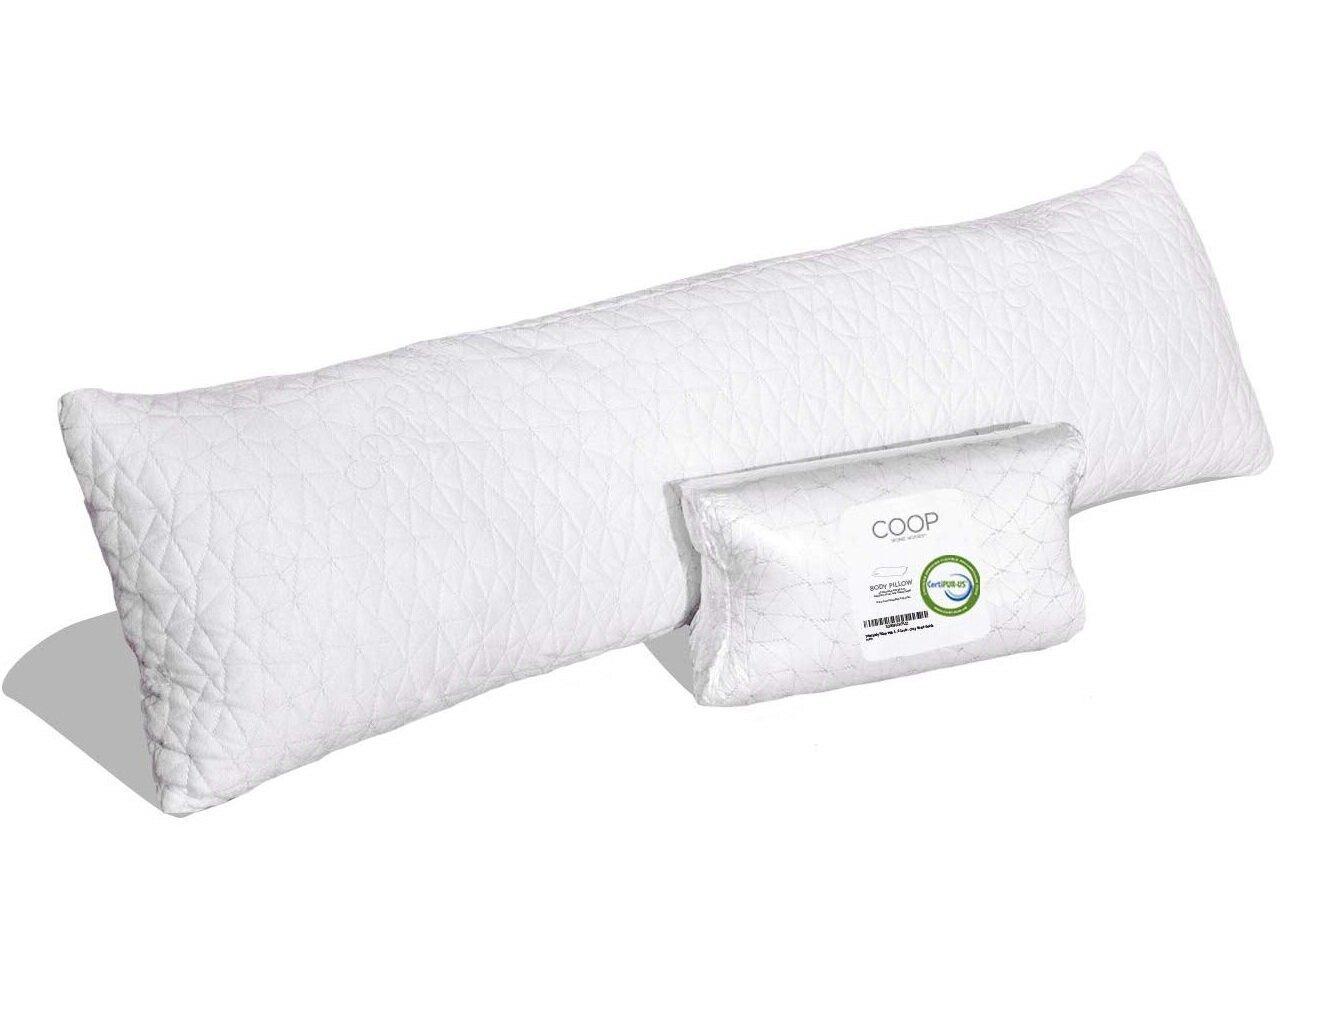 Coop Home Goods Shredded Memory Foam Body Pillow Wayfair